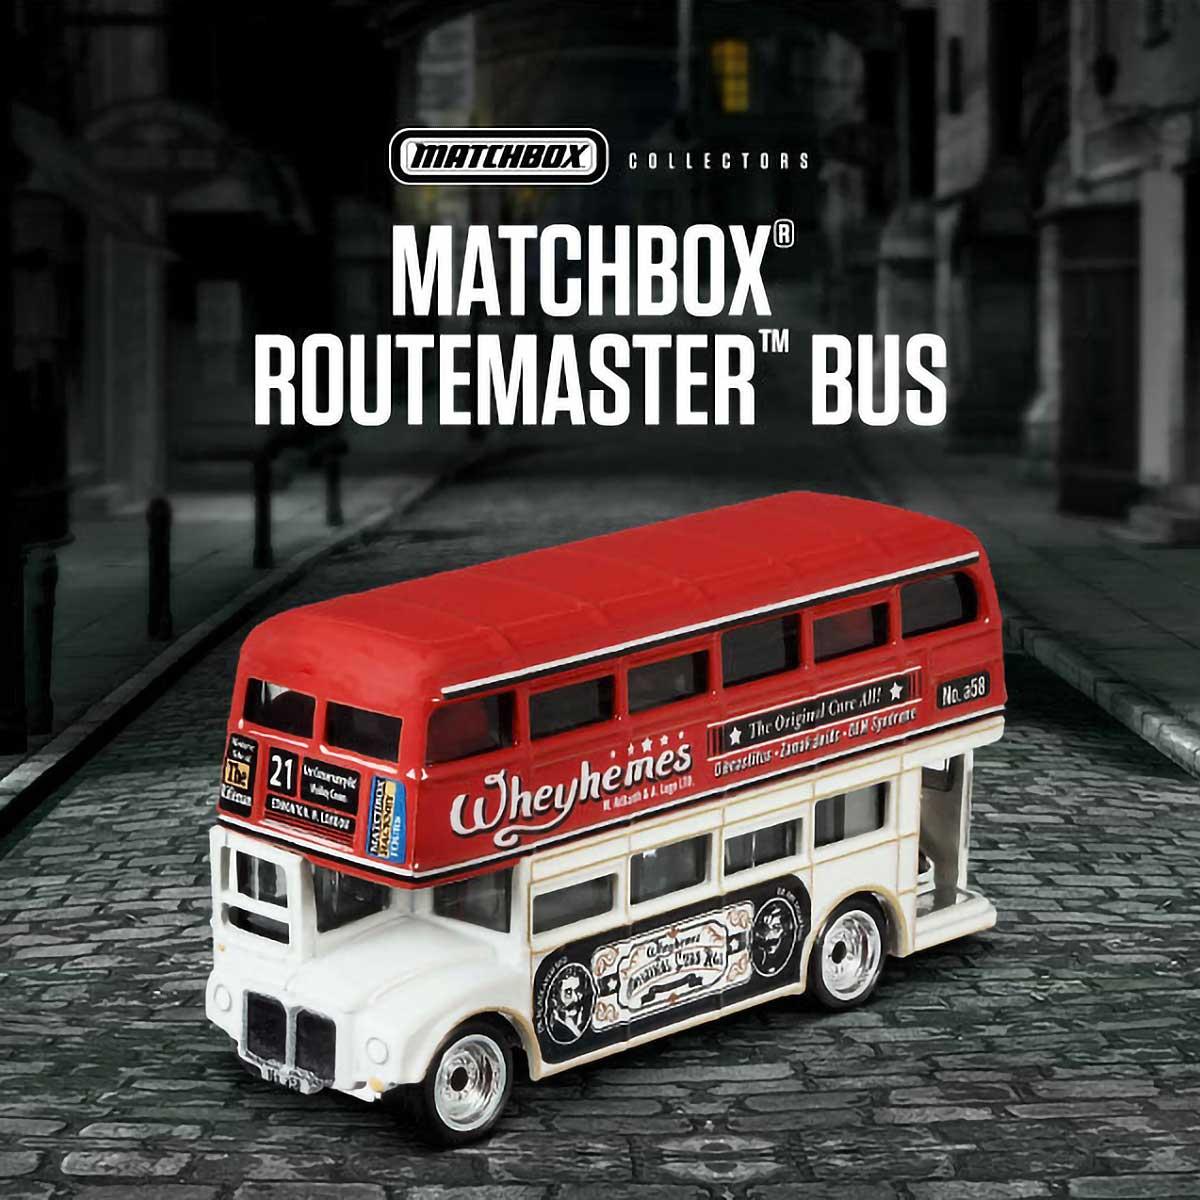 Matchbox Routemaster Bus Die-cast Model